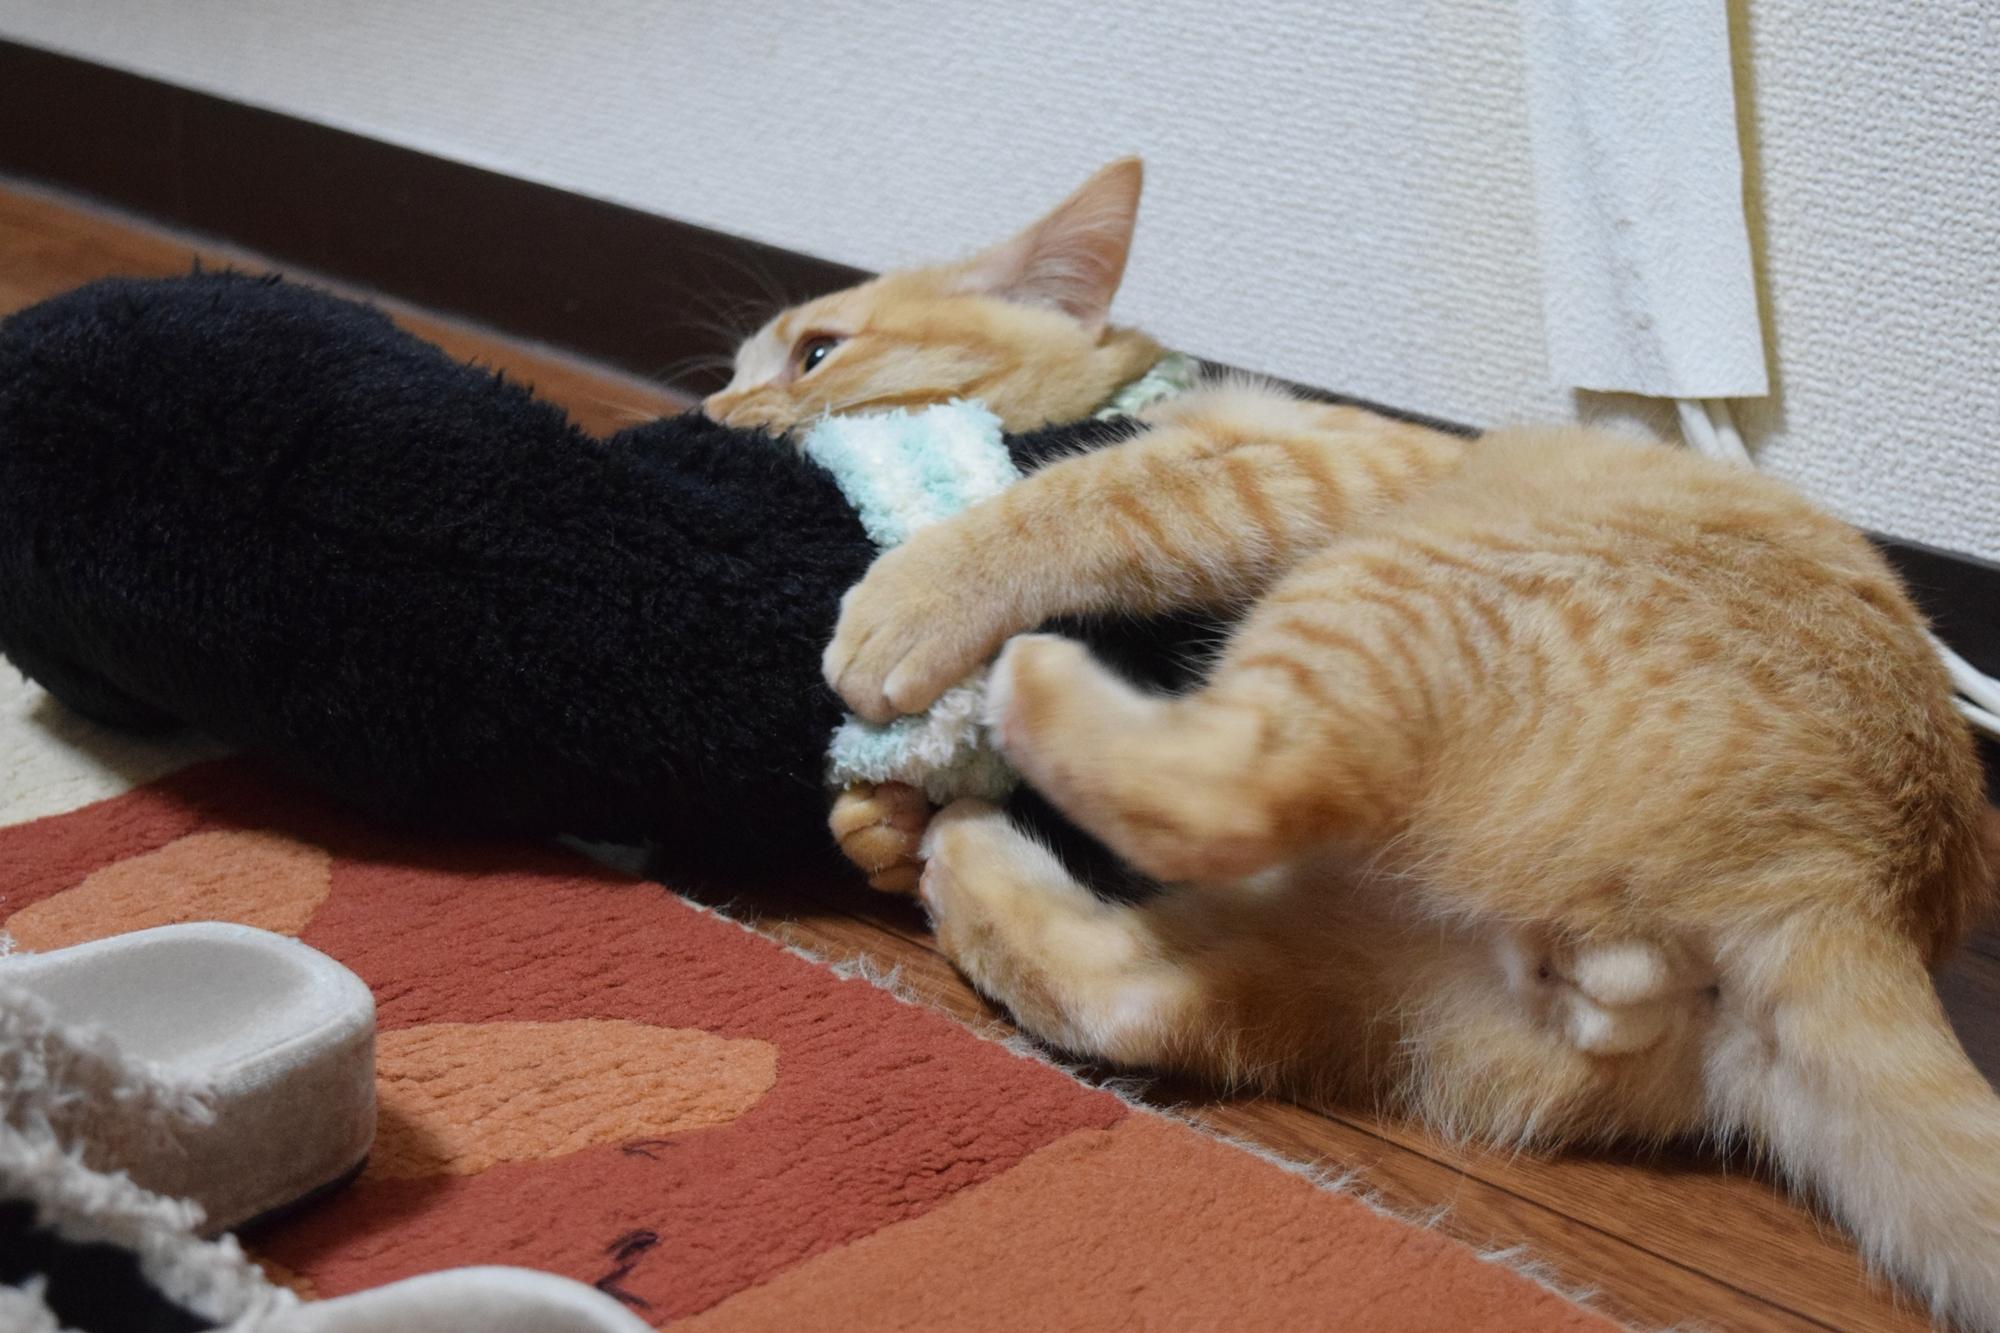 ぬいぐるみと猫、チャトラ、ぬいぐるみと遊ぶ猫